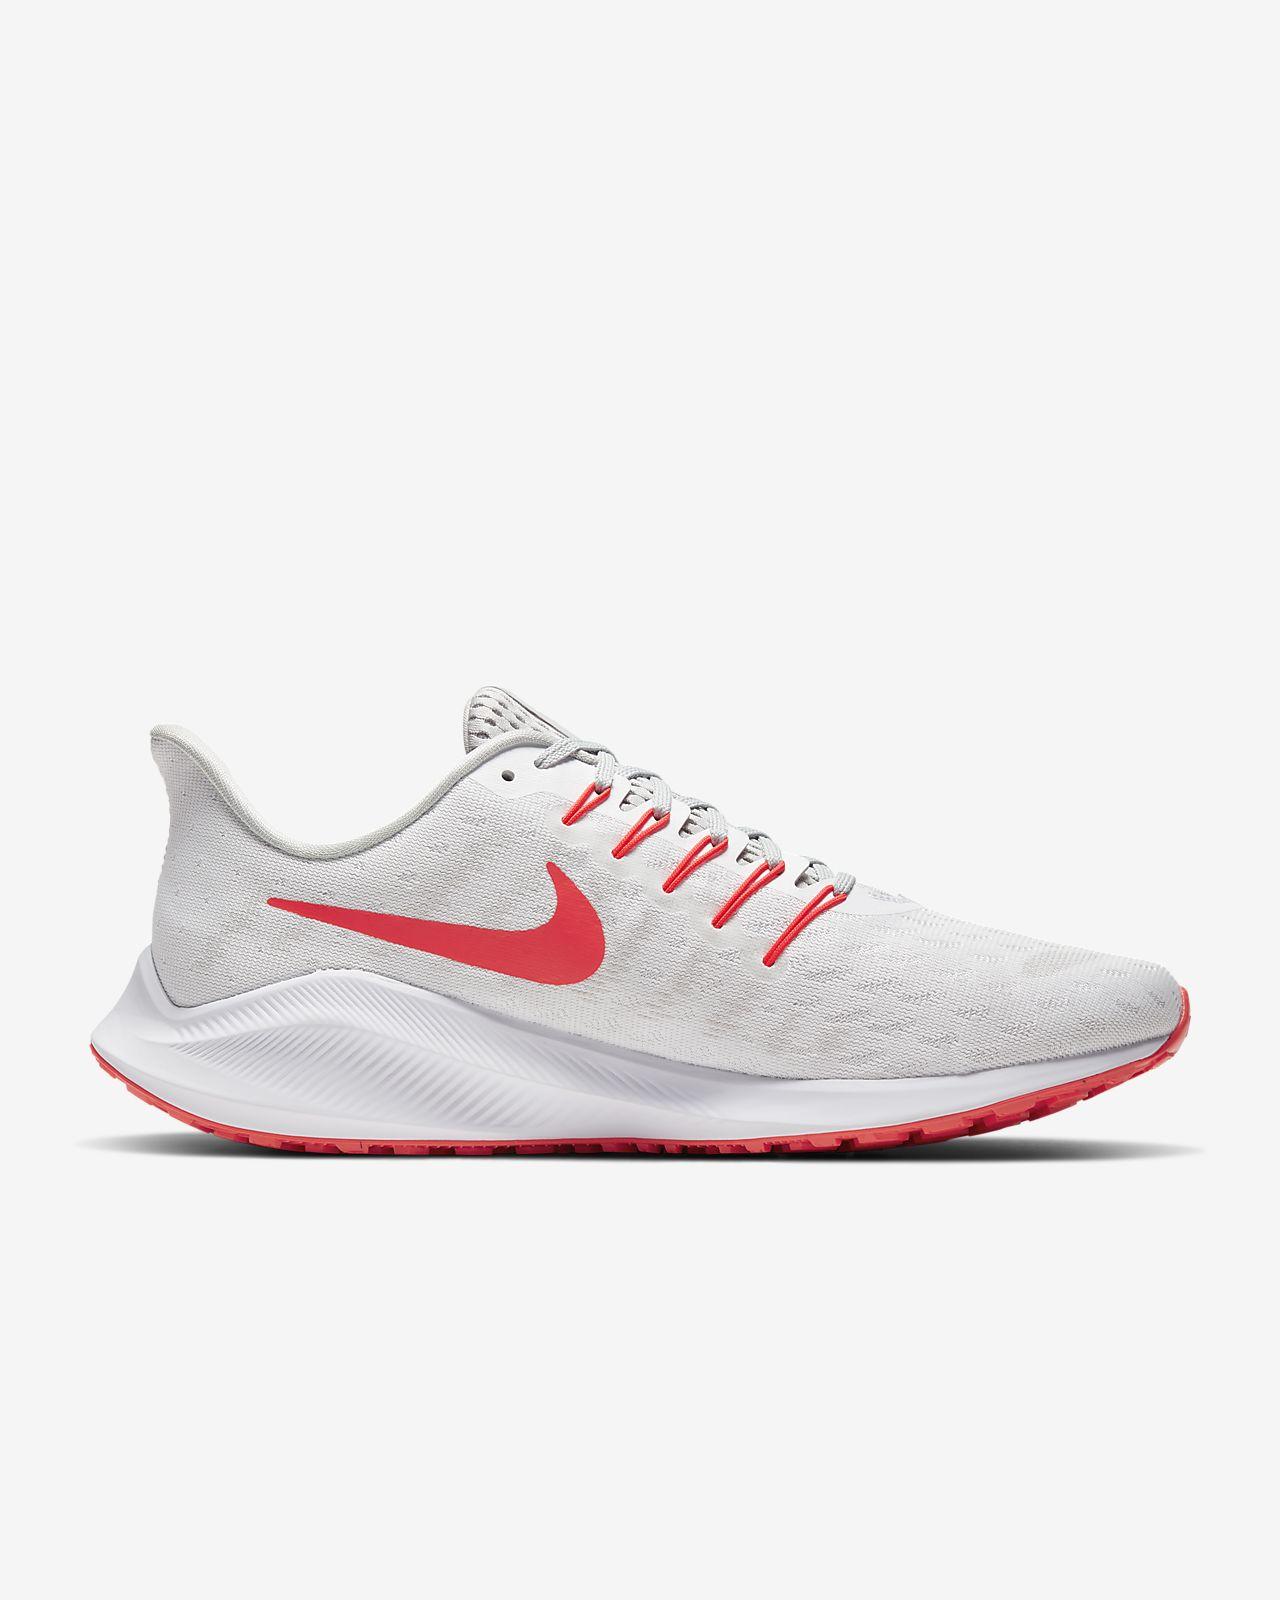 2020 Big Deals Men Nike Air Max 180 OG Running Shoe SKU